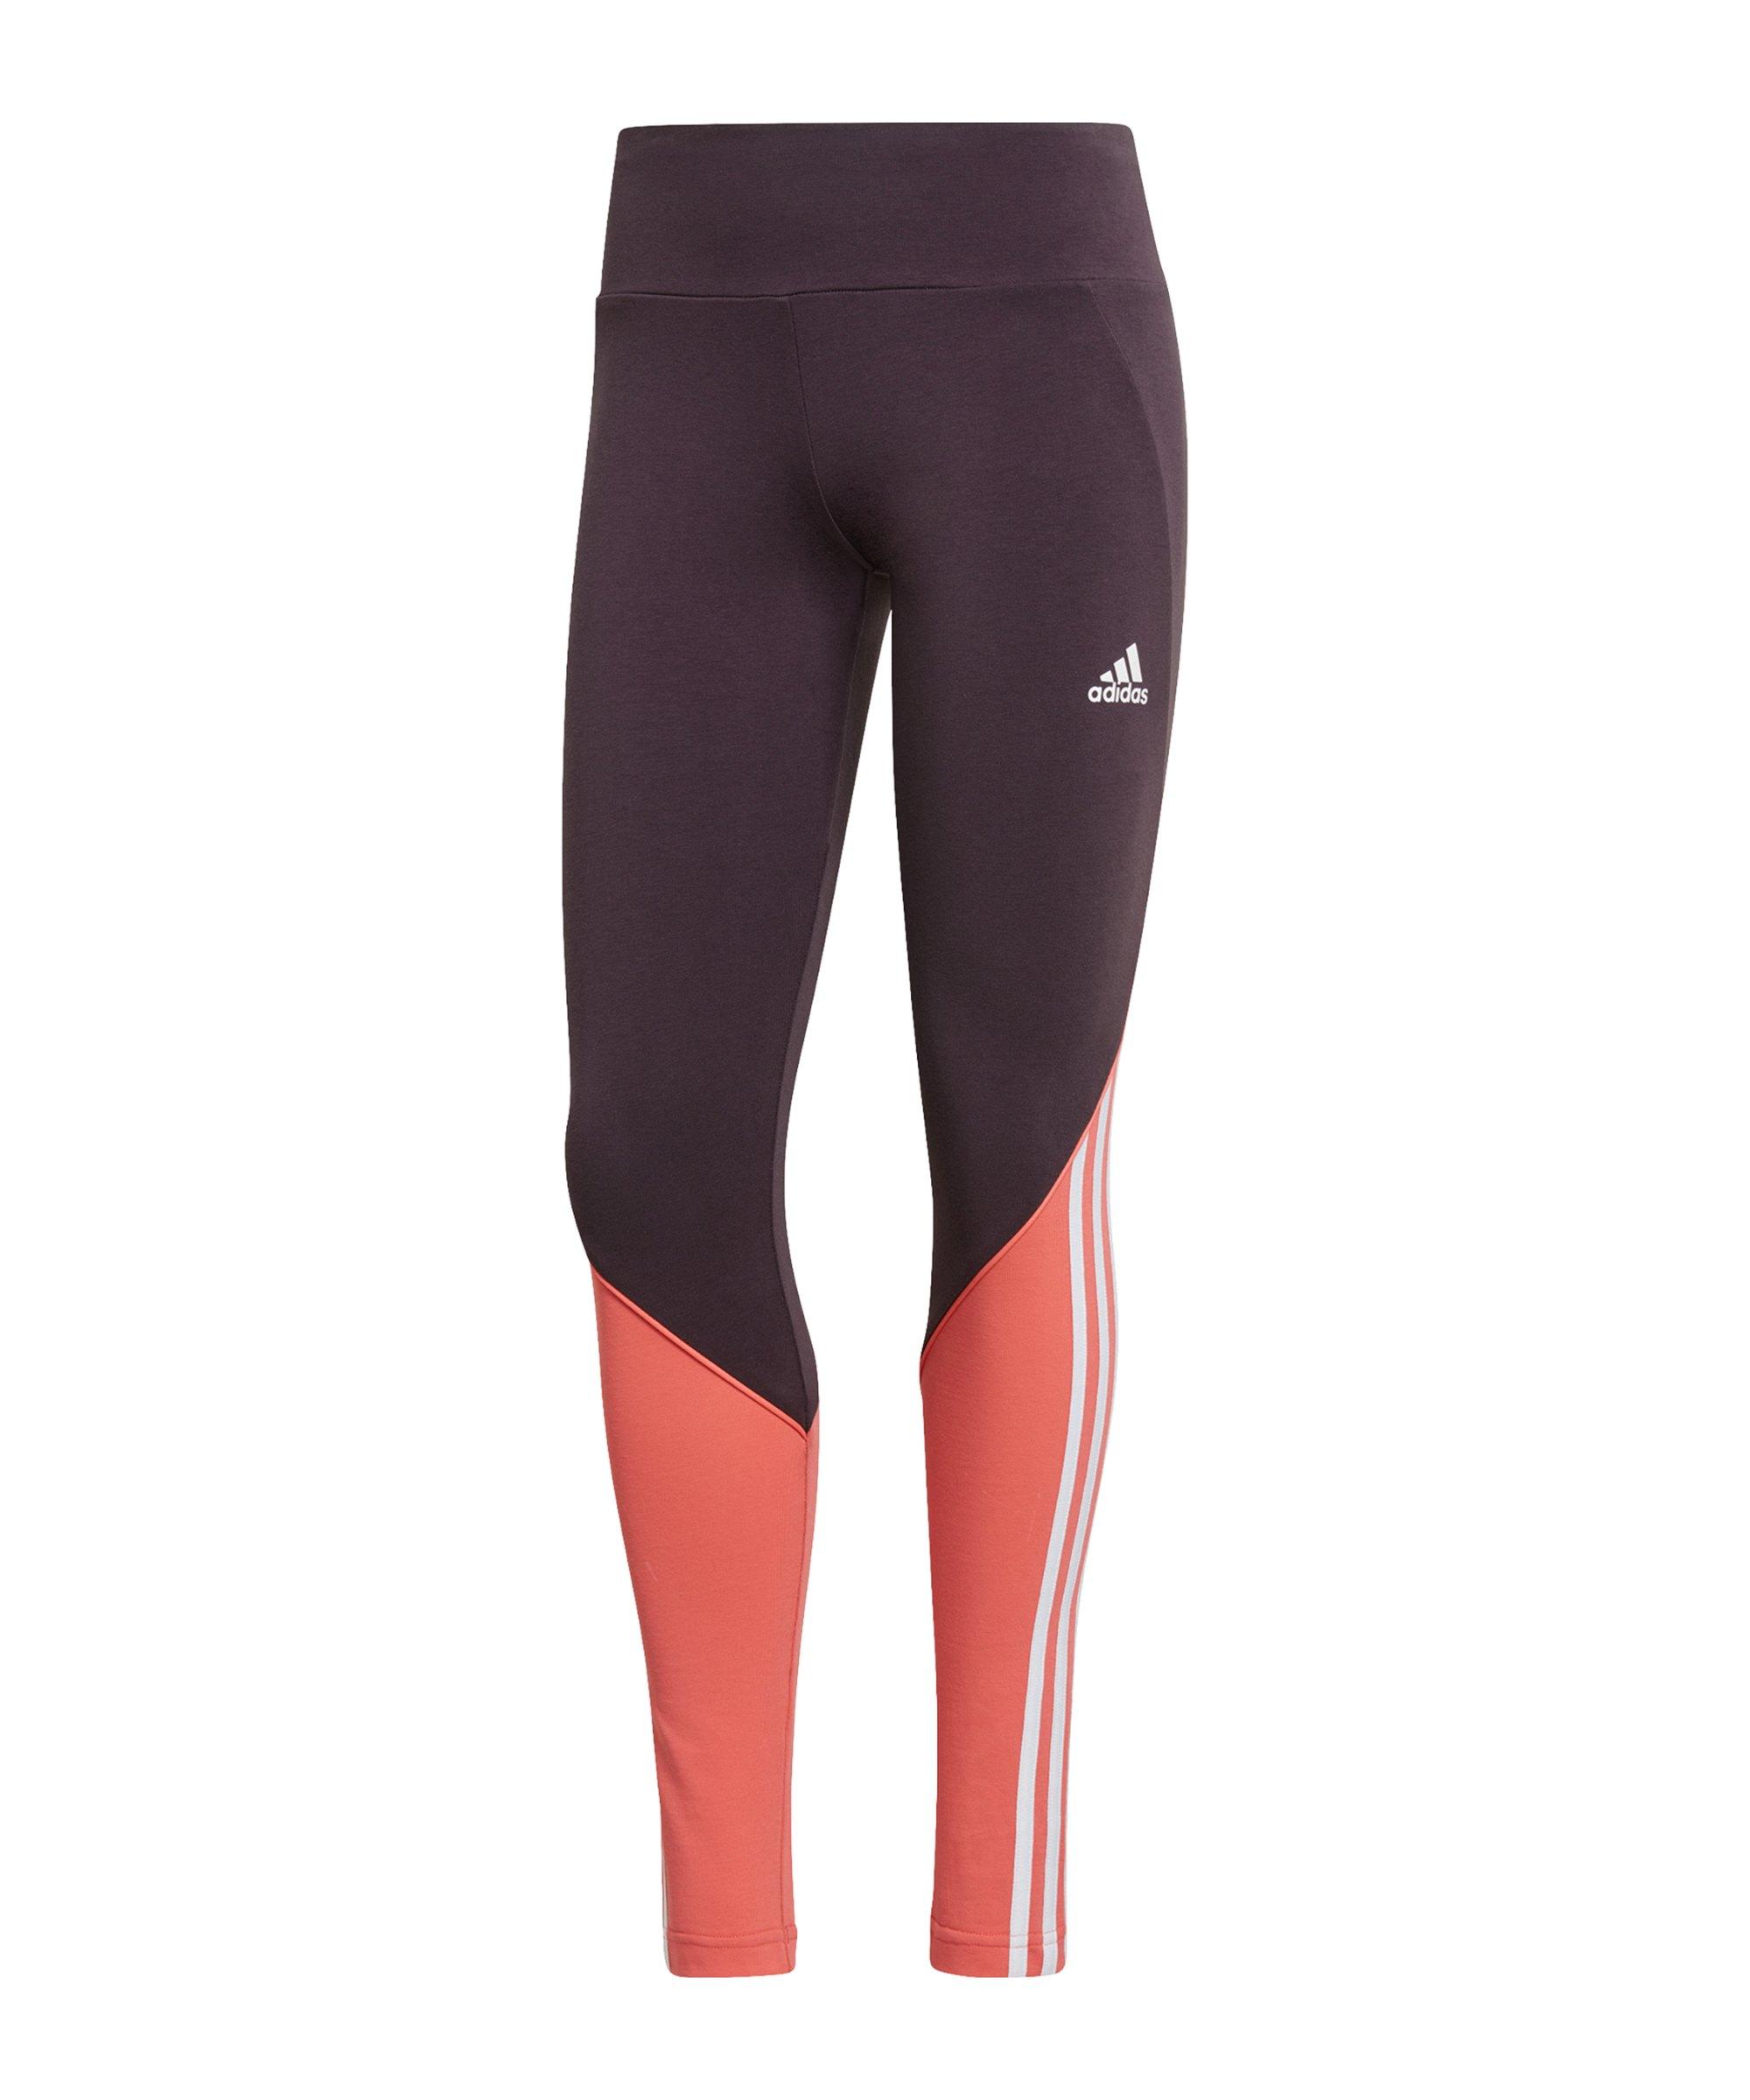 adidas Leggings Damen Schwarz Orange - schwarz